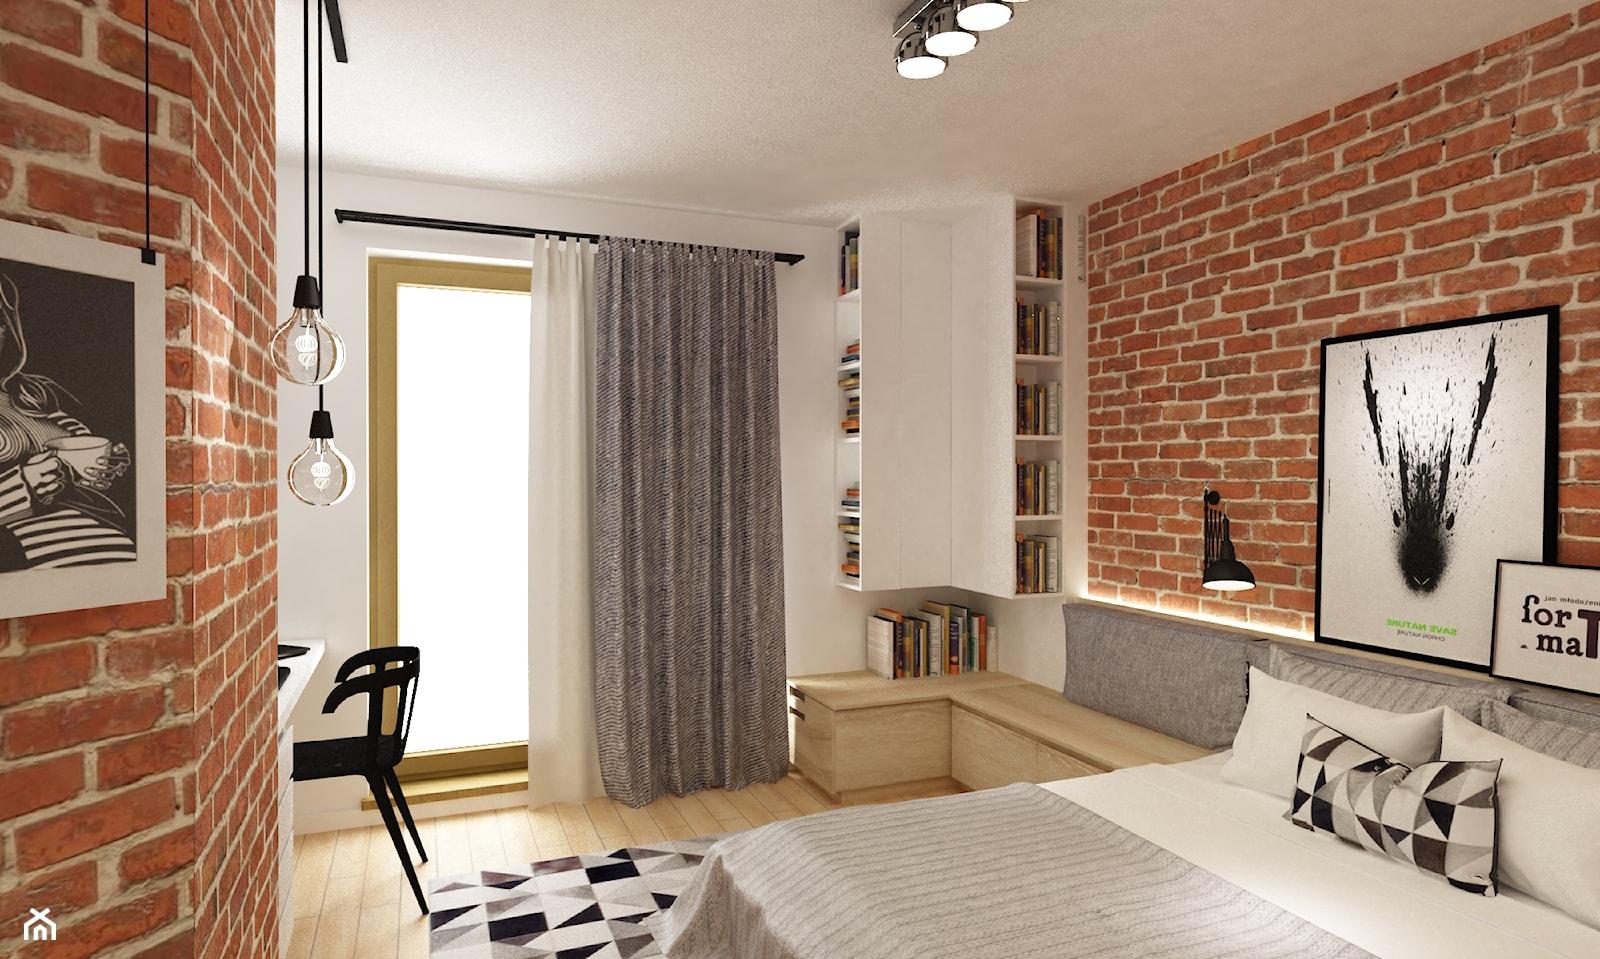 sypialnie nowoczesne - Średnia biała sypialnia małżeńska z balkonem / tarasem, styl skandynawski - zdjęcie od Grafika i Projekt architektura wnętrz - Homebook